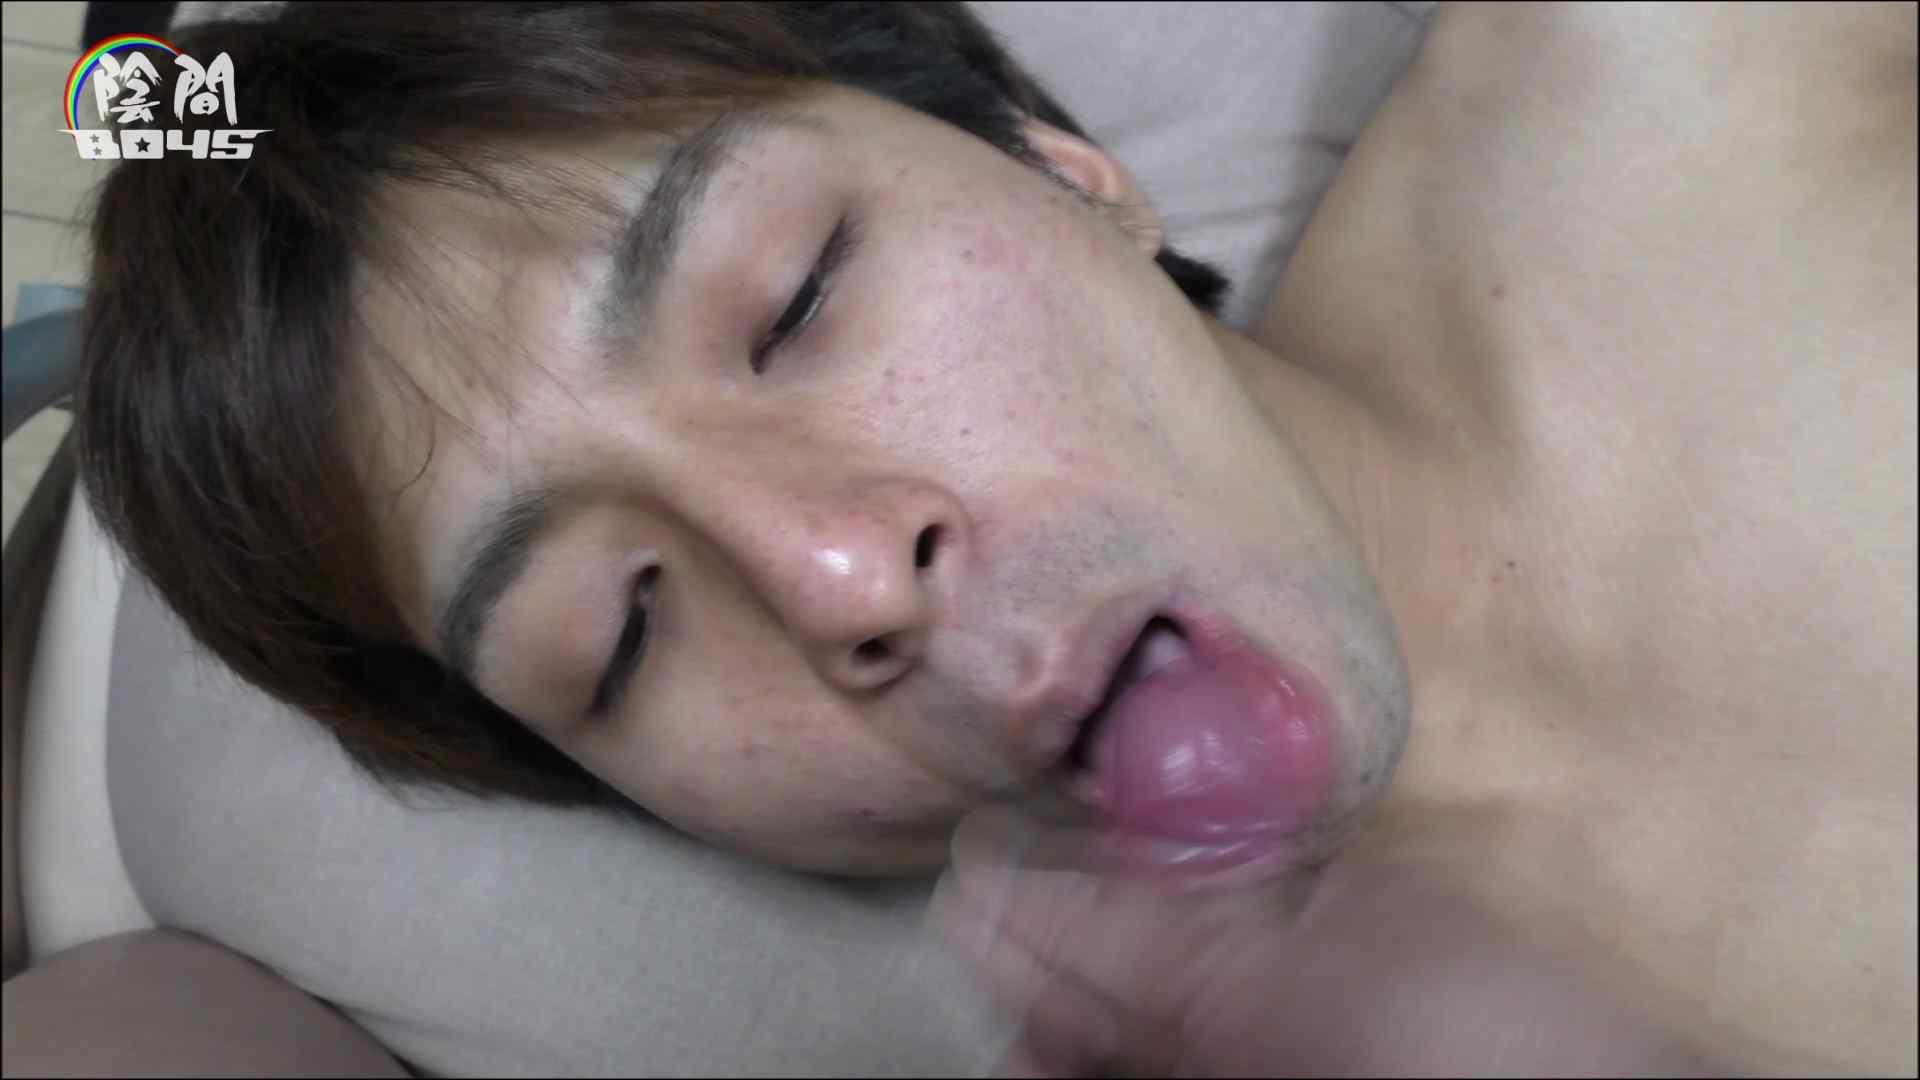 アナルは決して眠らない No.08 発射天国 ゲイ無修正動画画像 75pic 69